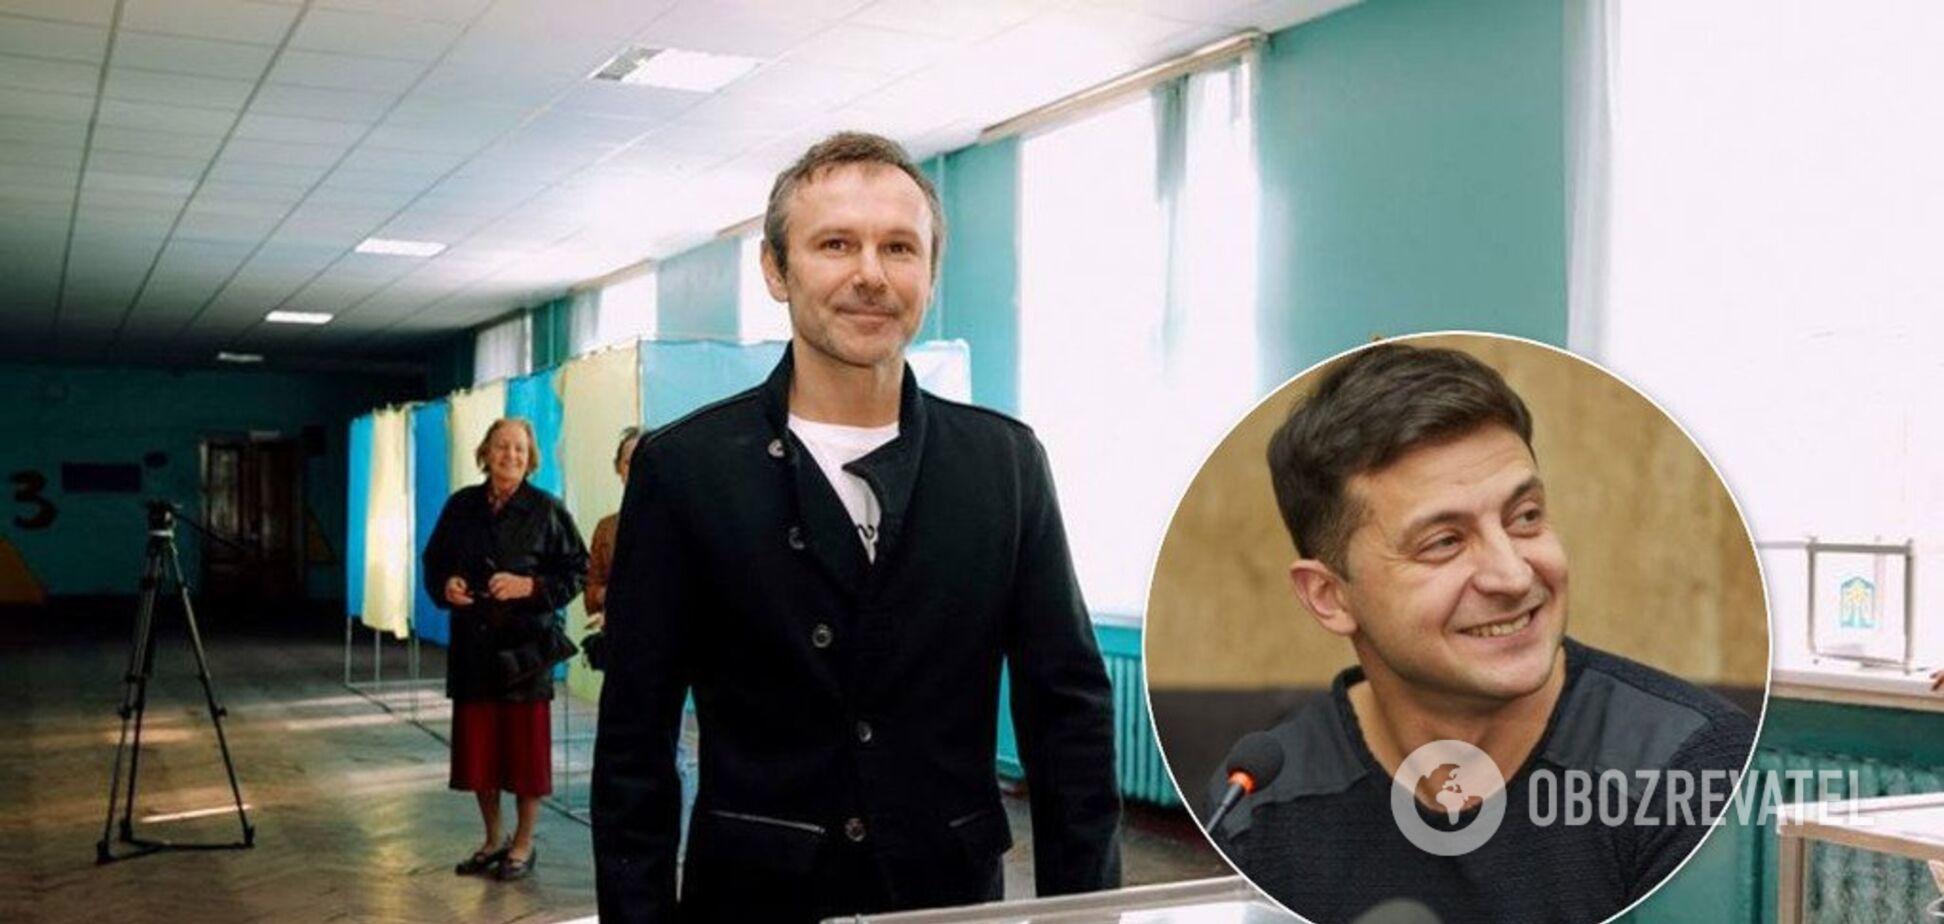 Вакарчук 'откусит' рейтинг Зеленского – Паниотто